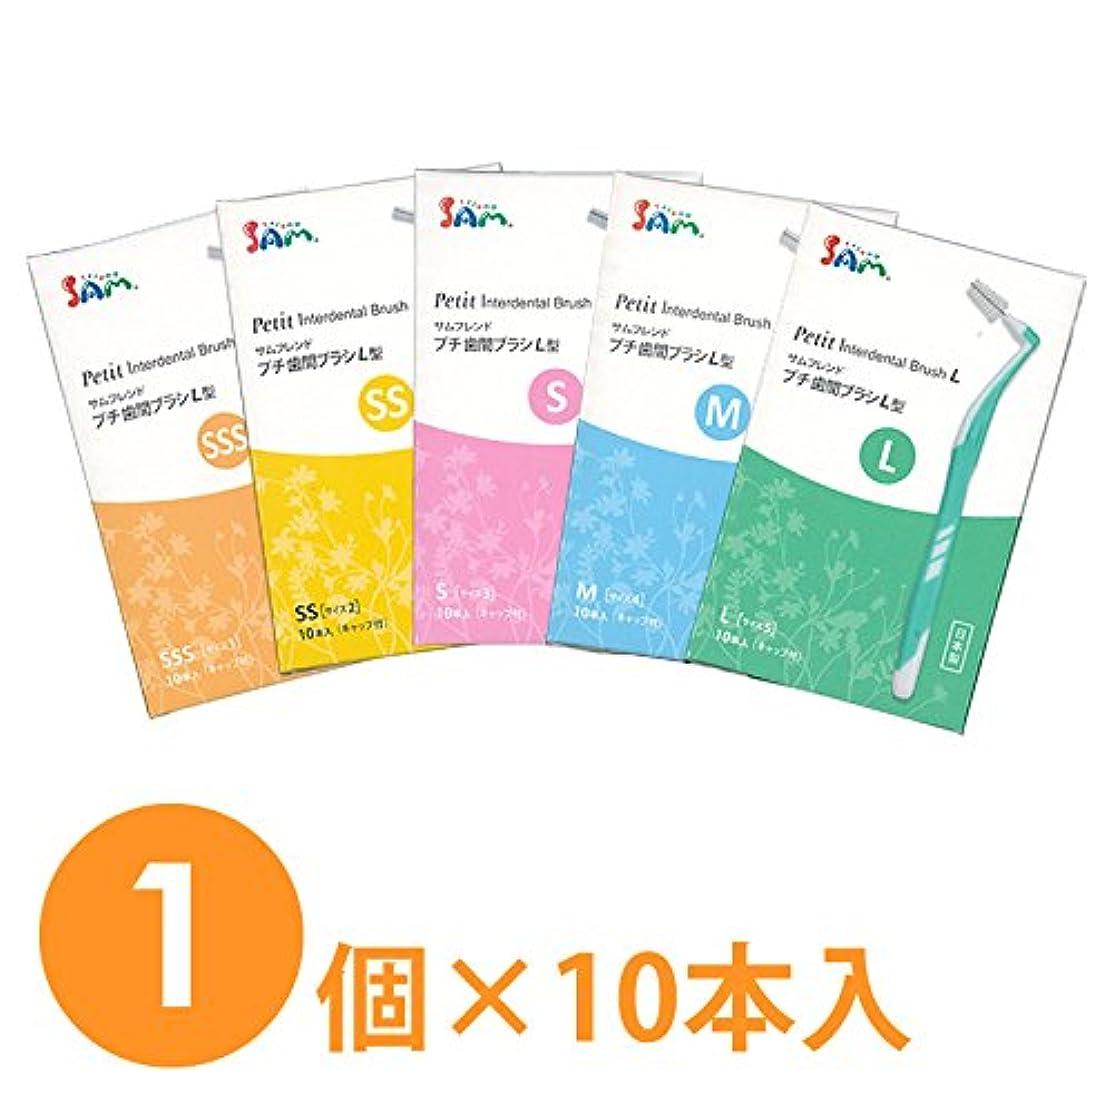 メンタリティ違法ビヨン【1個】サンデンタル サムフレンド プチ歯間ブラシL型 10本入り (S(3)ピンク)